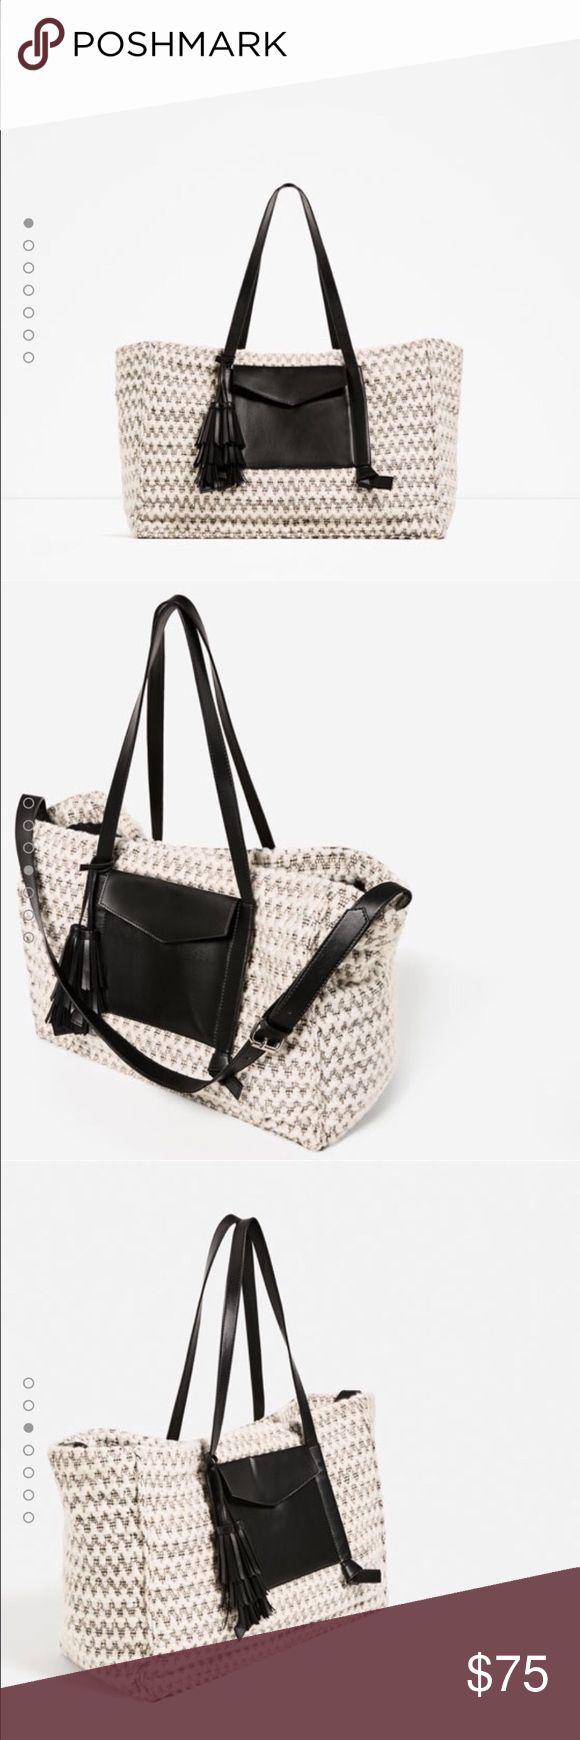 Zara tote bag ☁️ Super Soft ☁️ NWT Super Soft Tote Bag. Zara Bags Totes